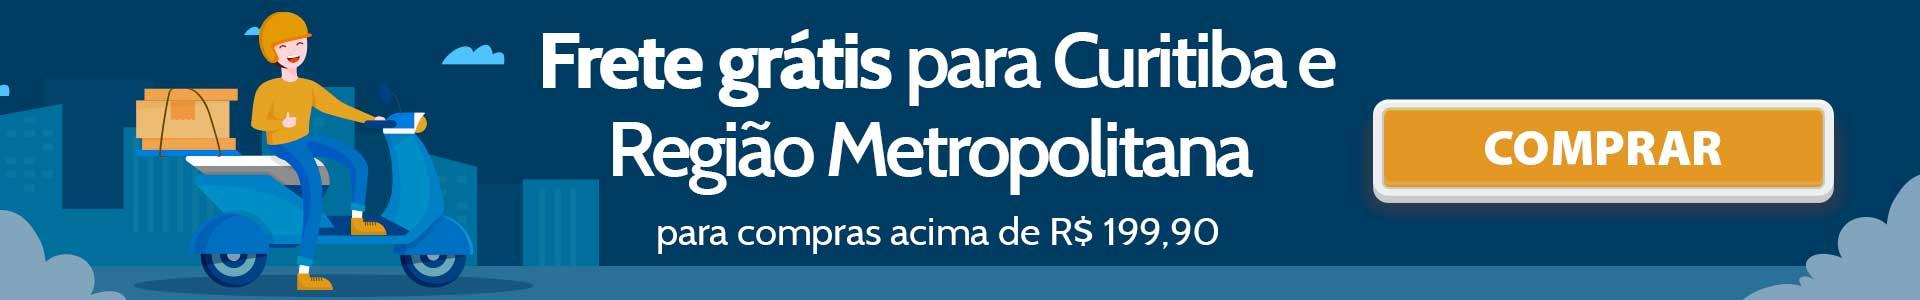 Frete Grátis Curitiba e Região Metropolitana